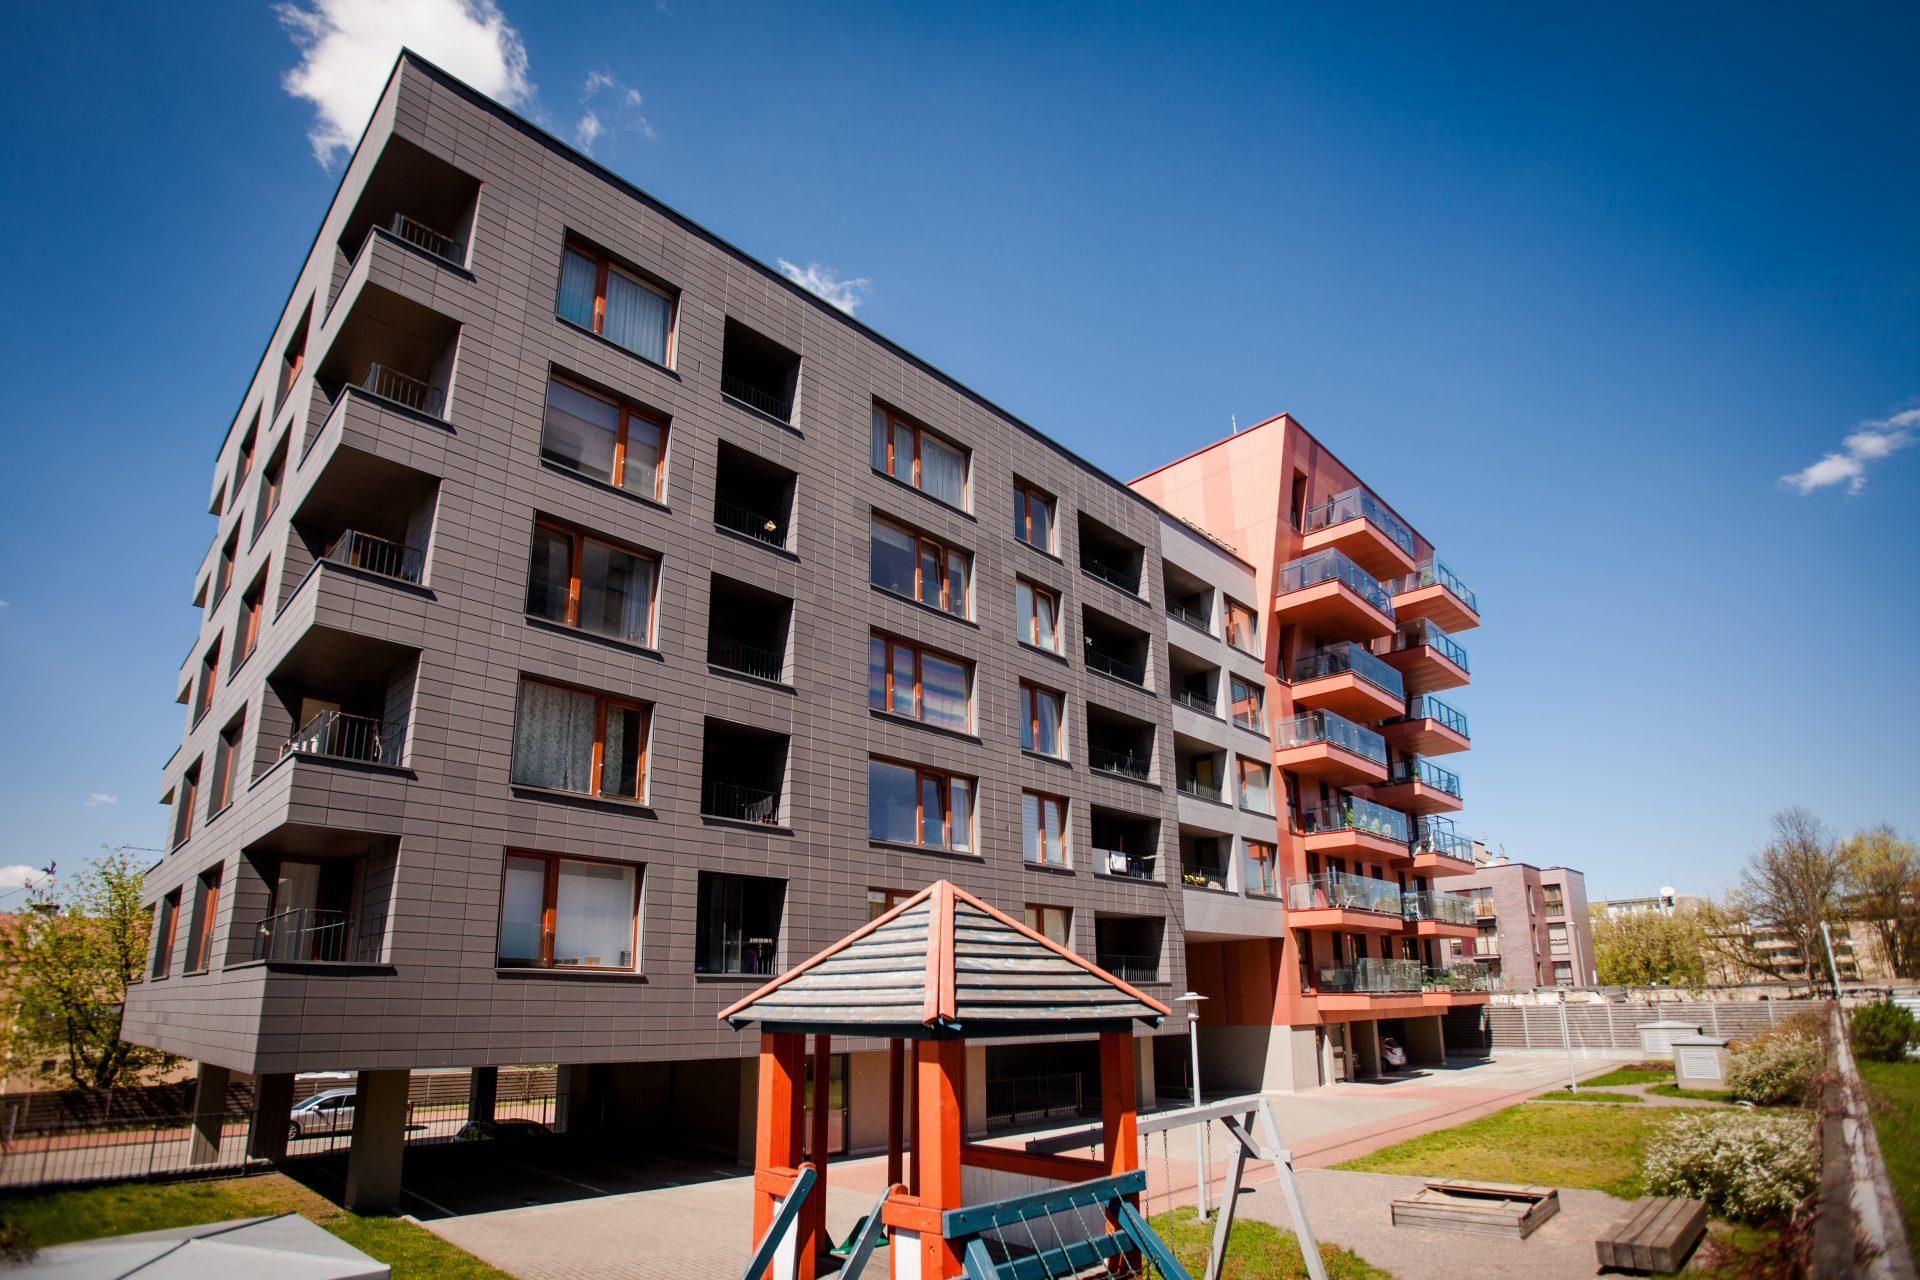 Daugiabučio gyvenamojo namo Smėlio g. 8, Vilnius, statybos darbai